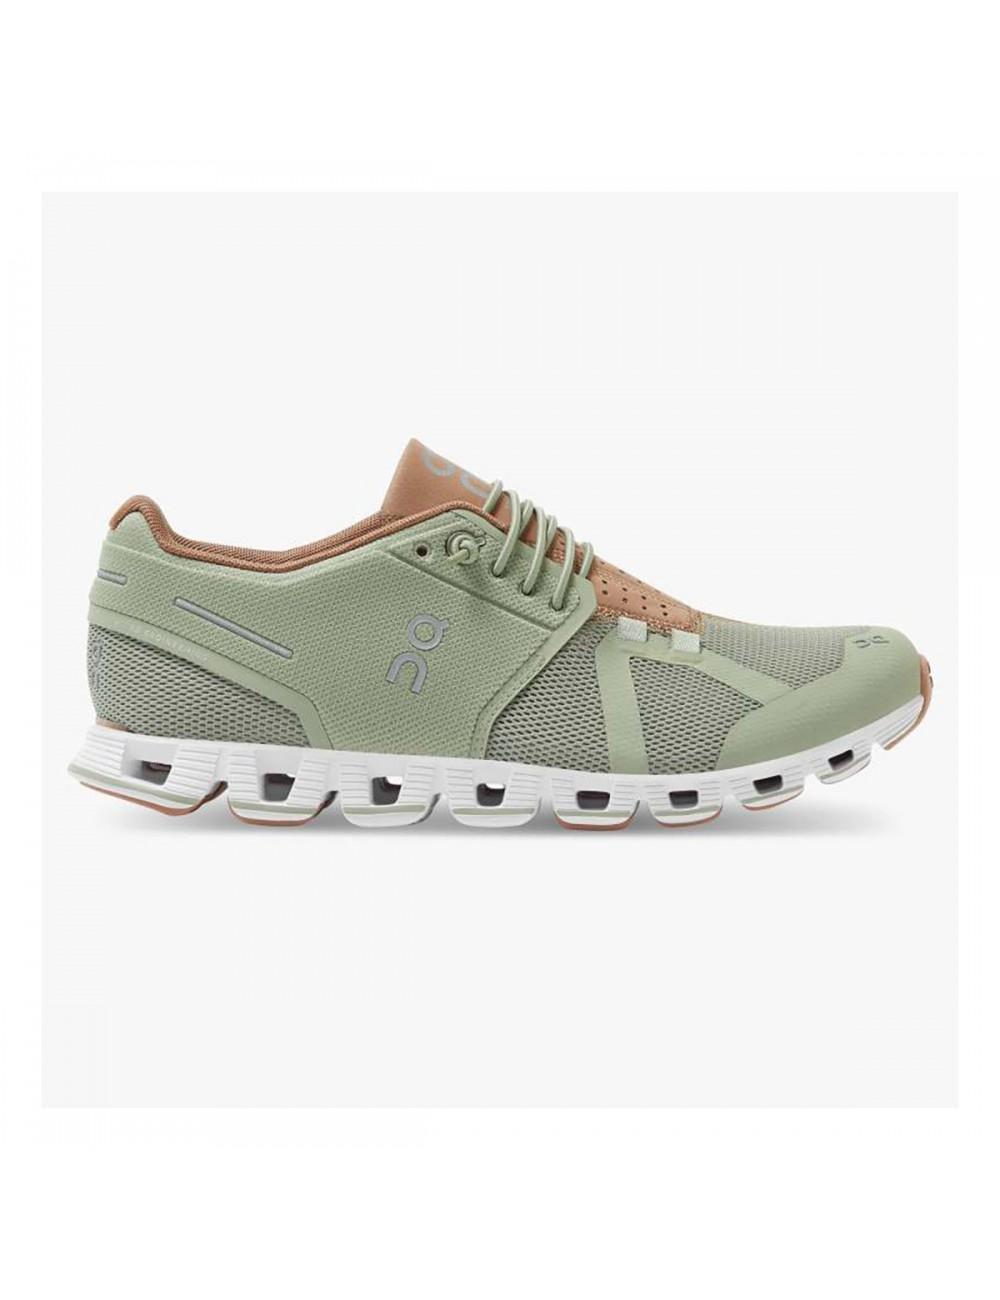 ON Cloud Shoe - Leaf/Mocha_12973